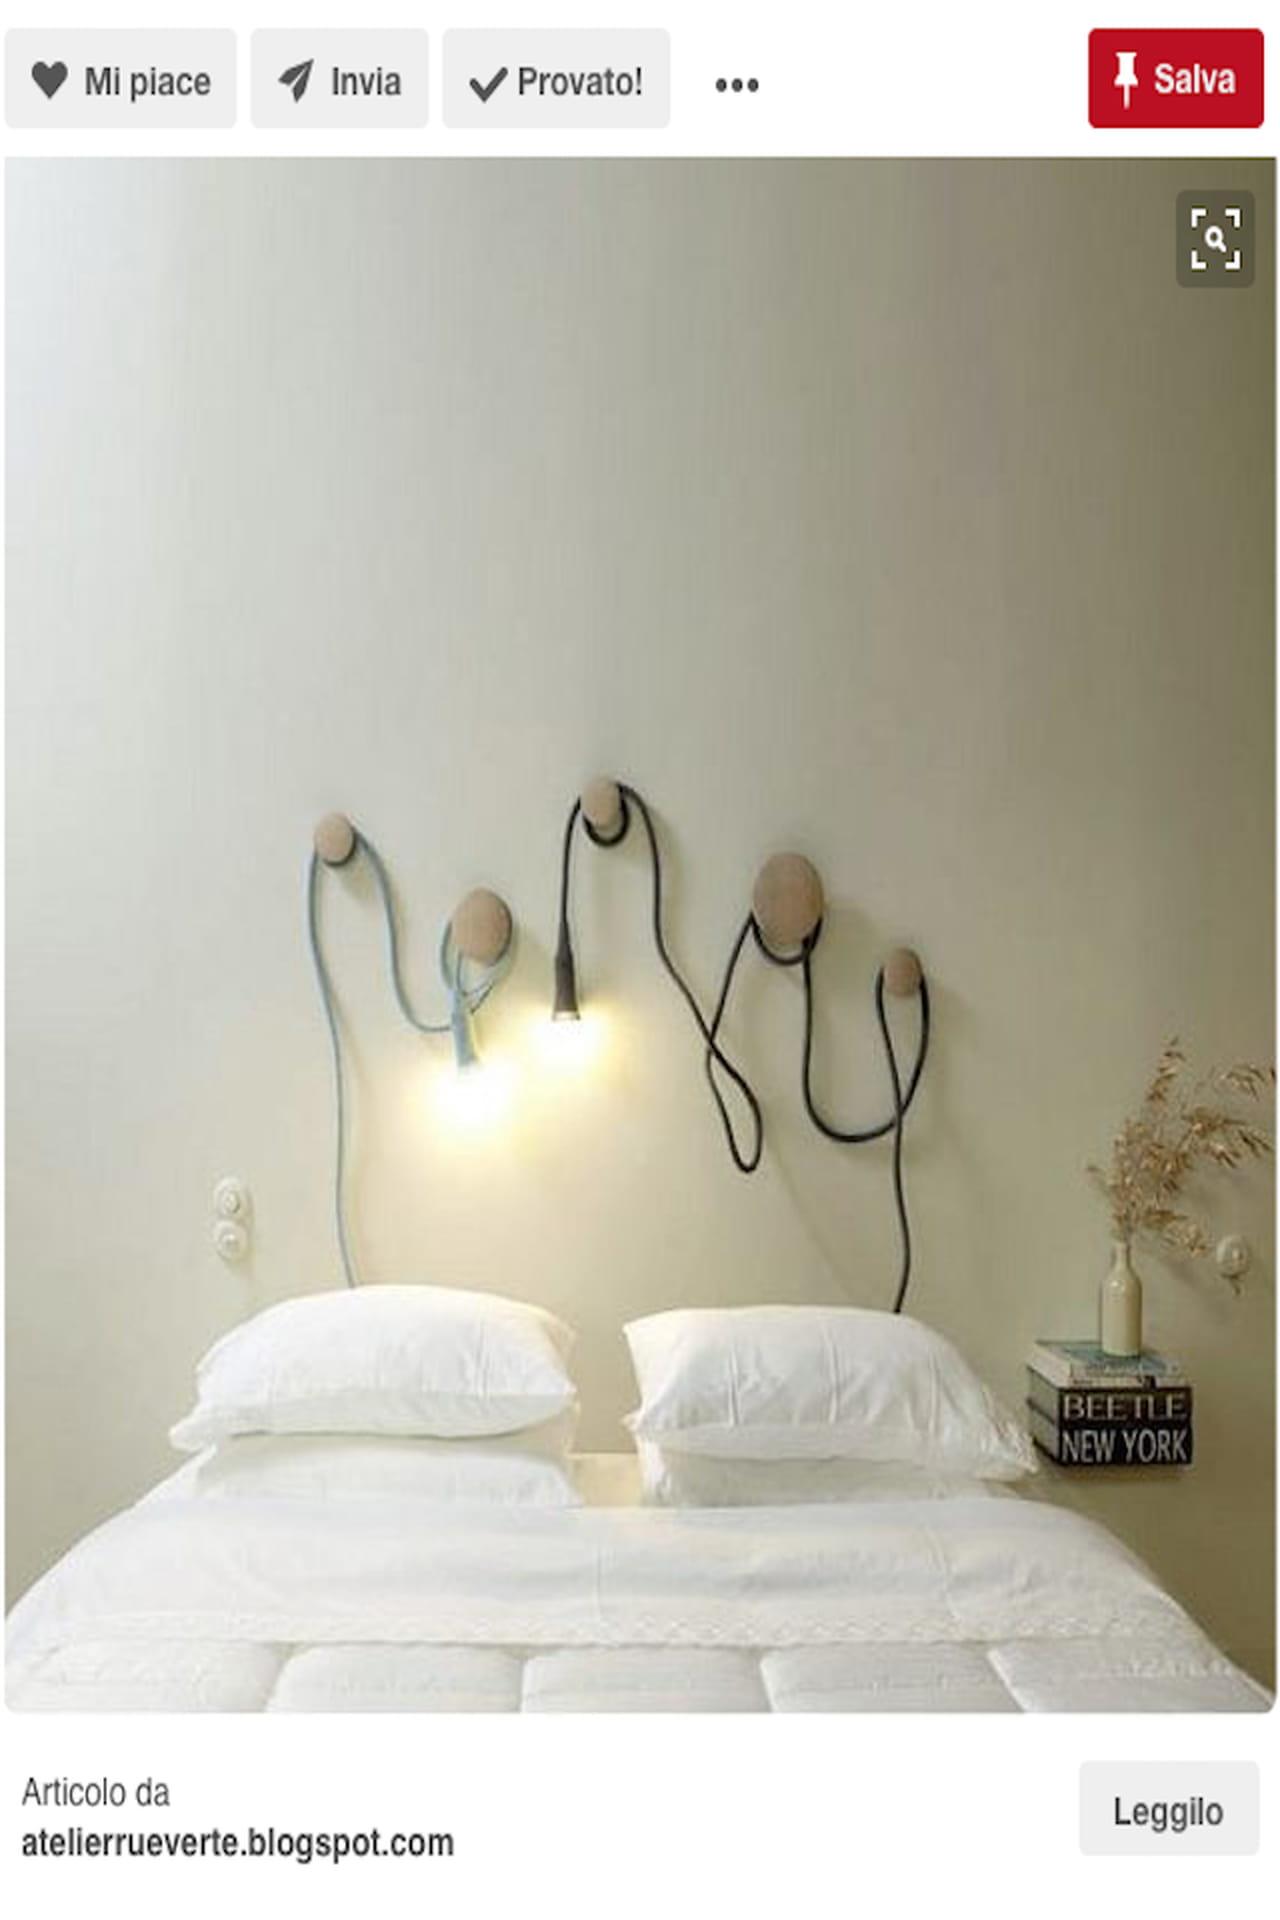 Come fare una testata del letto in legno design casa creativa e mobili ispiratori - Testiera letto fai da te cuscini ...